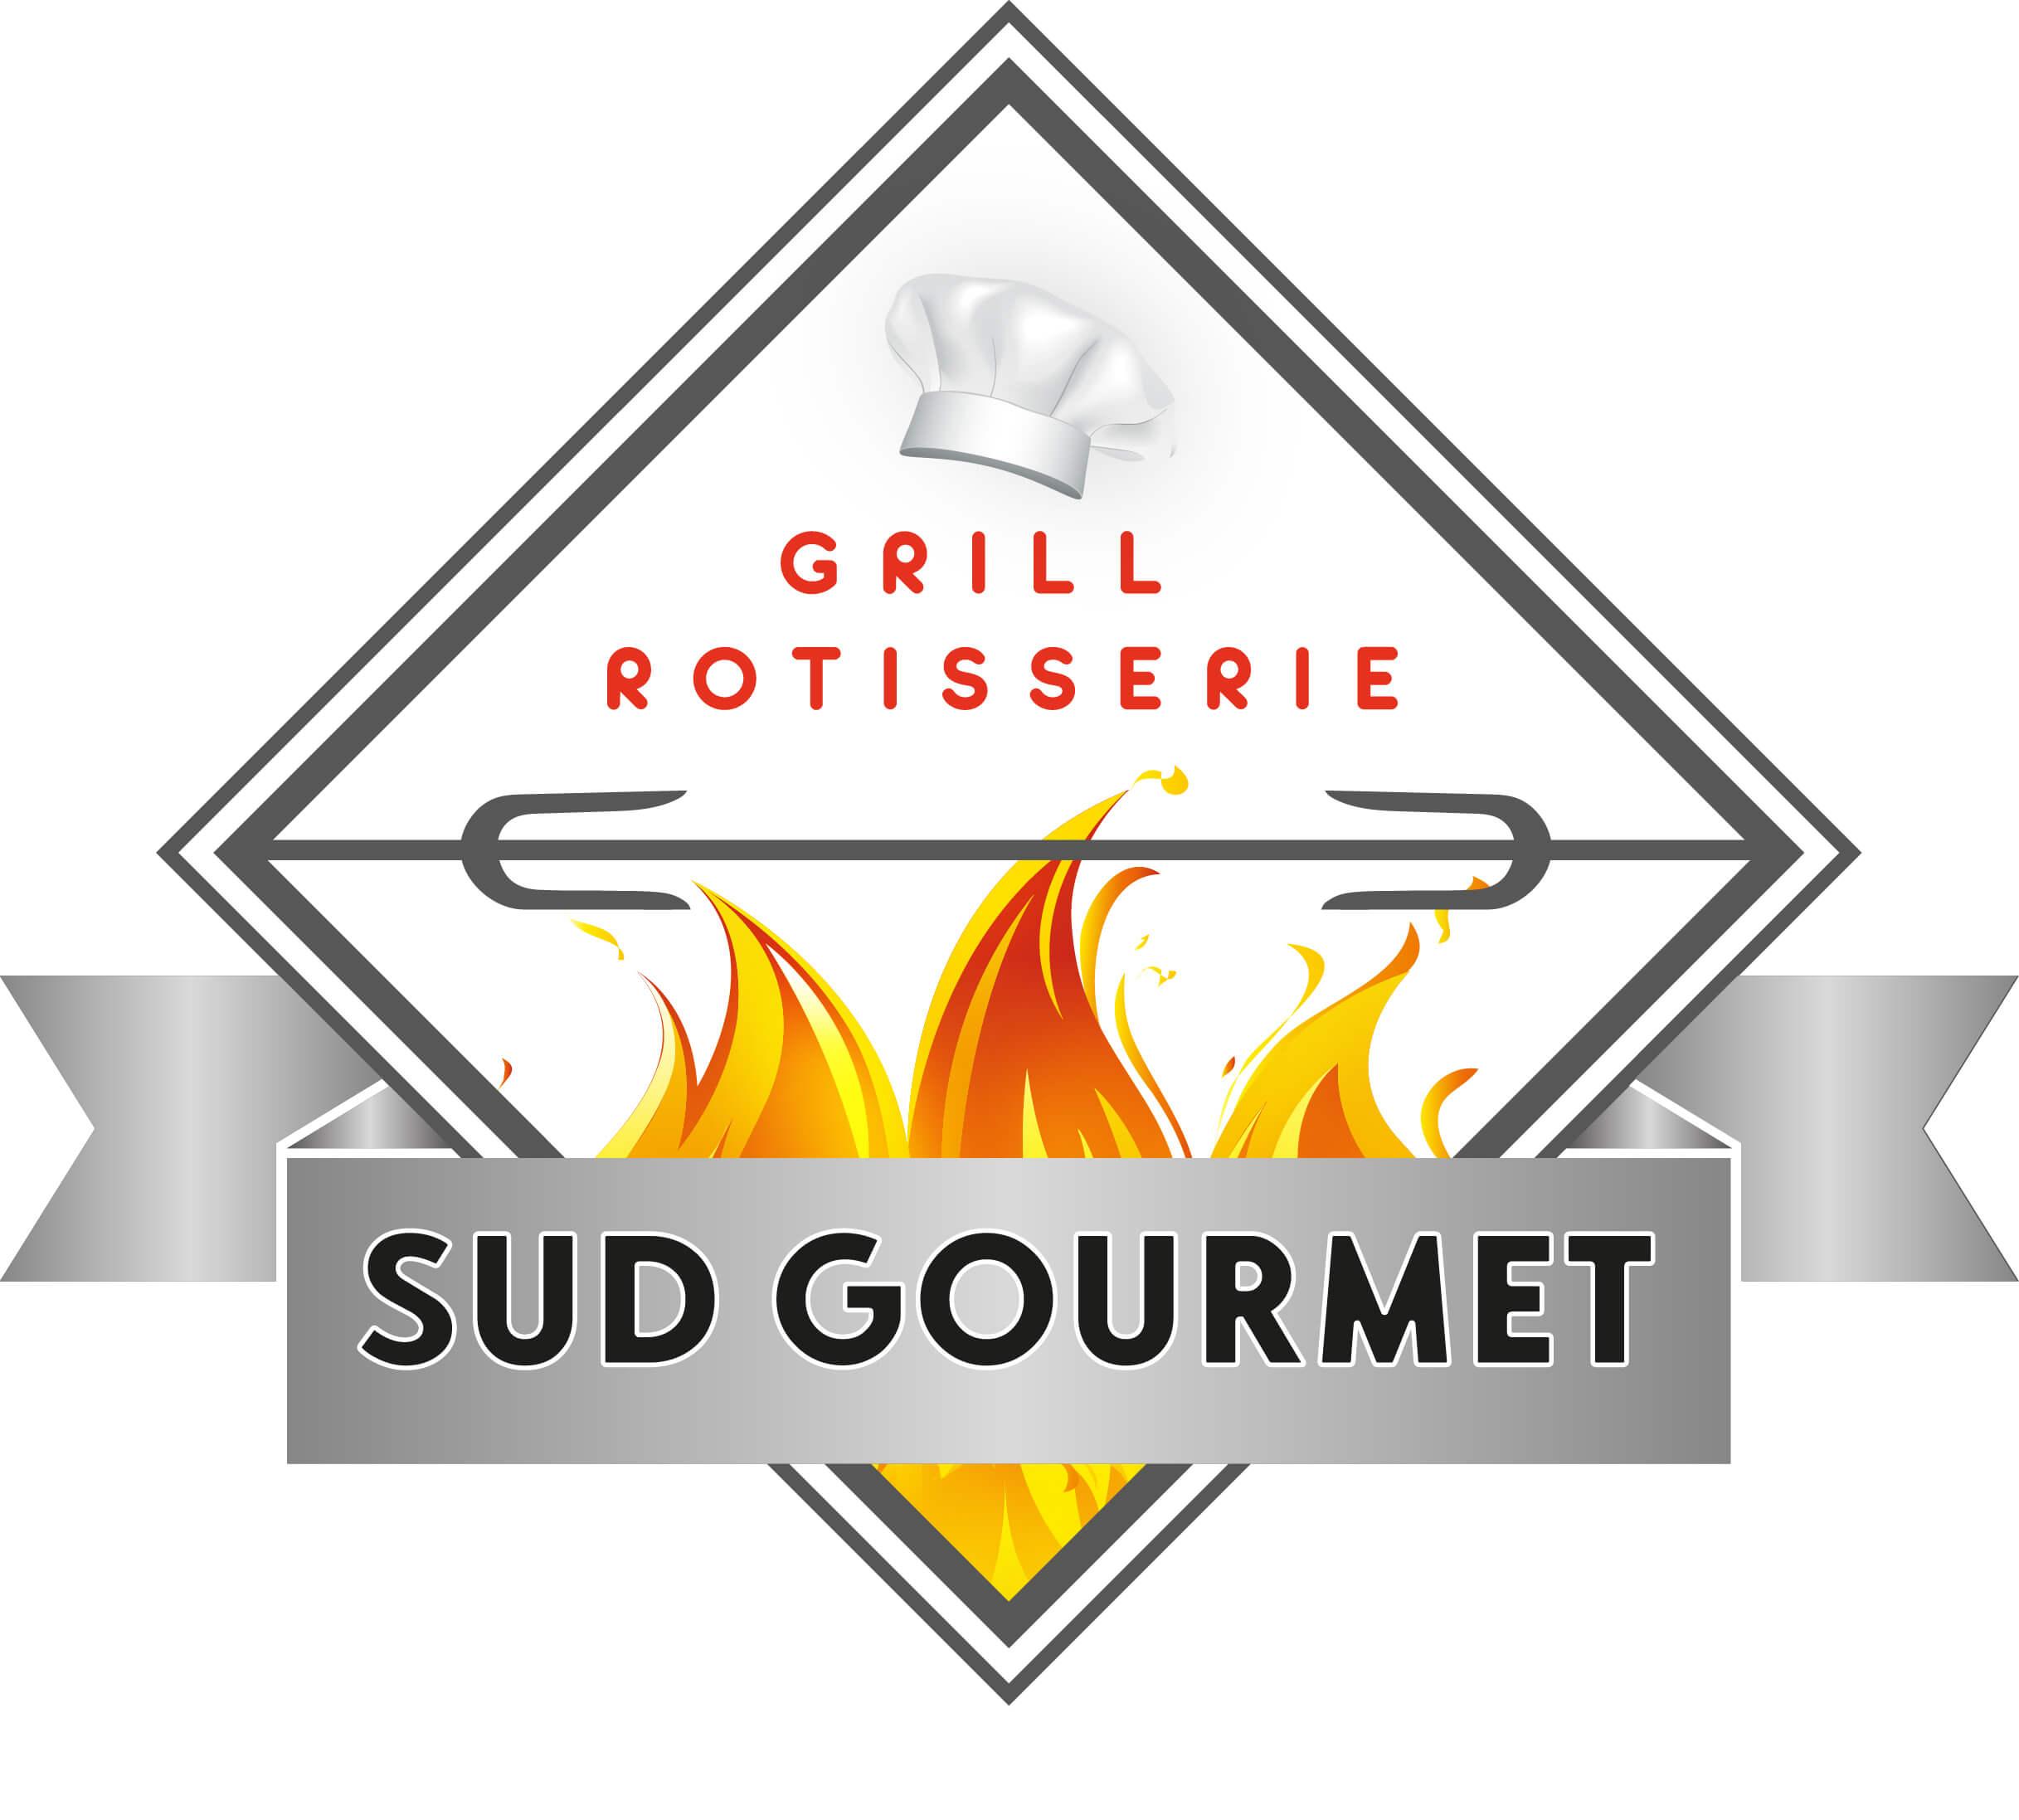 Création logo Sud Gourmet